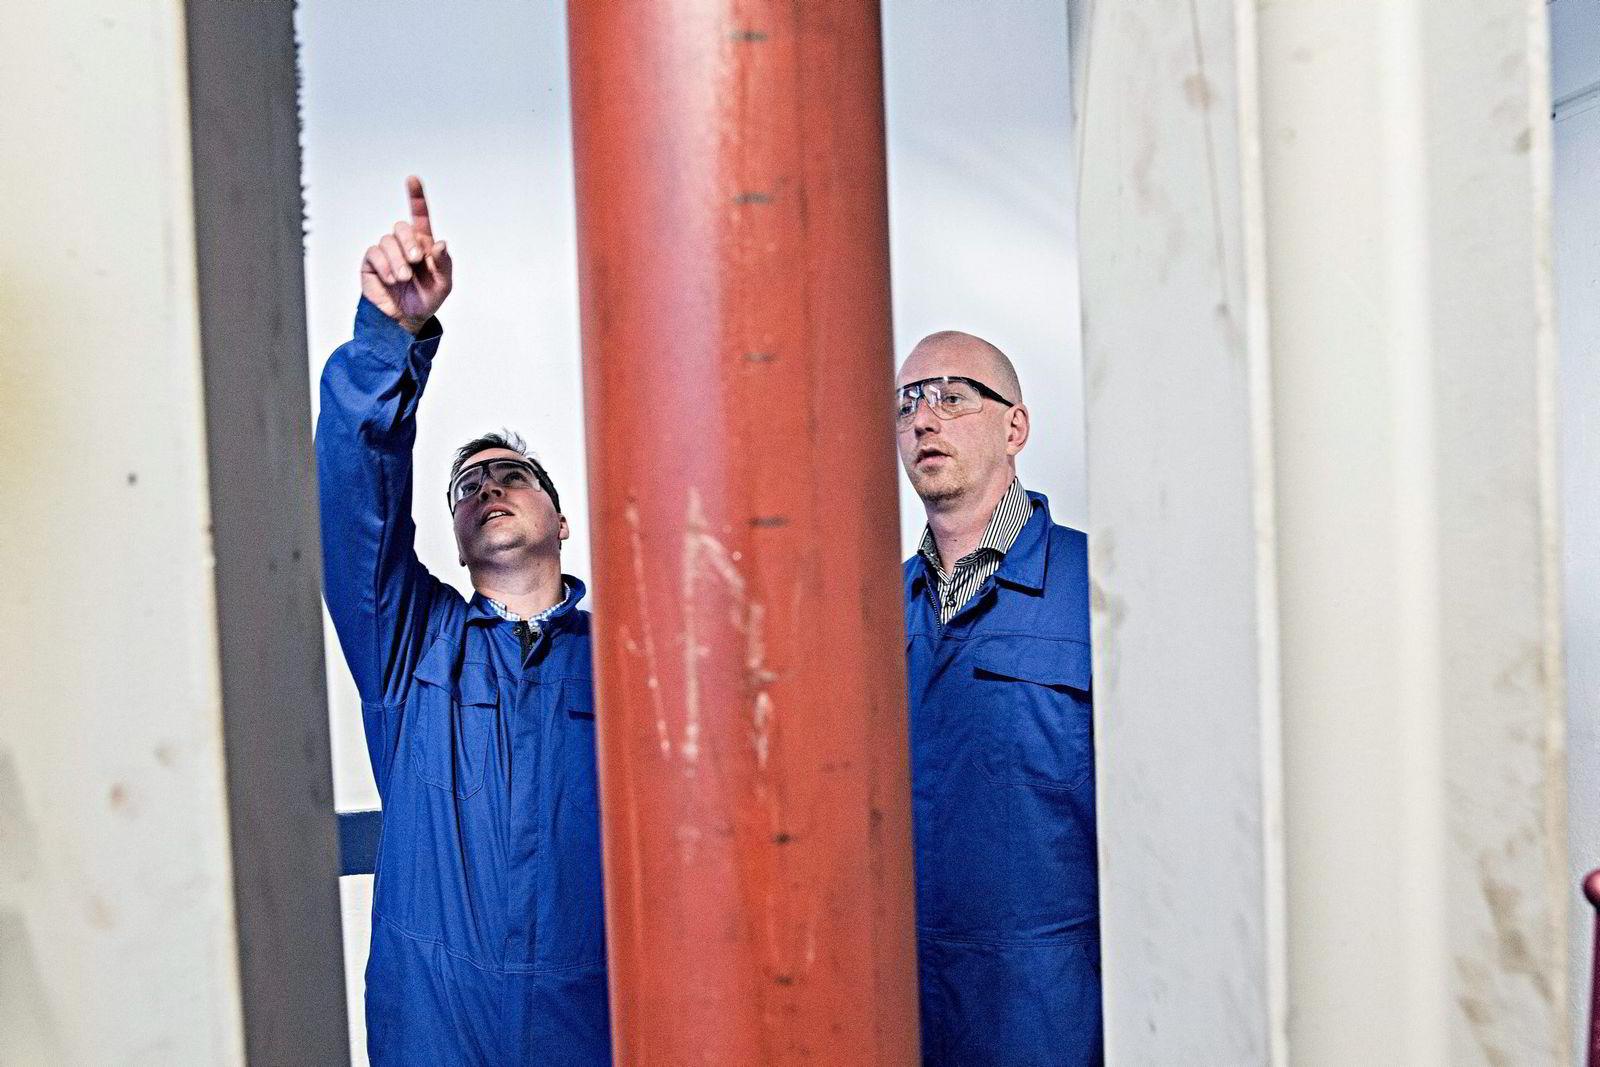 Tor-Øystein Carlsen (til venstre) og Trond Løkka jobber konstant med prototypen. Når de reiser hjem fra jobb, spiser de middag, før de fortsetter samtalen på Facebook. Siden januar har de sendt 4000 meldinger.